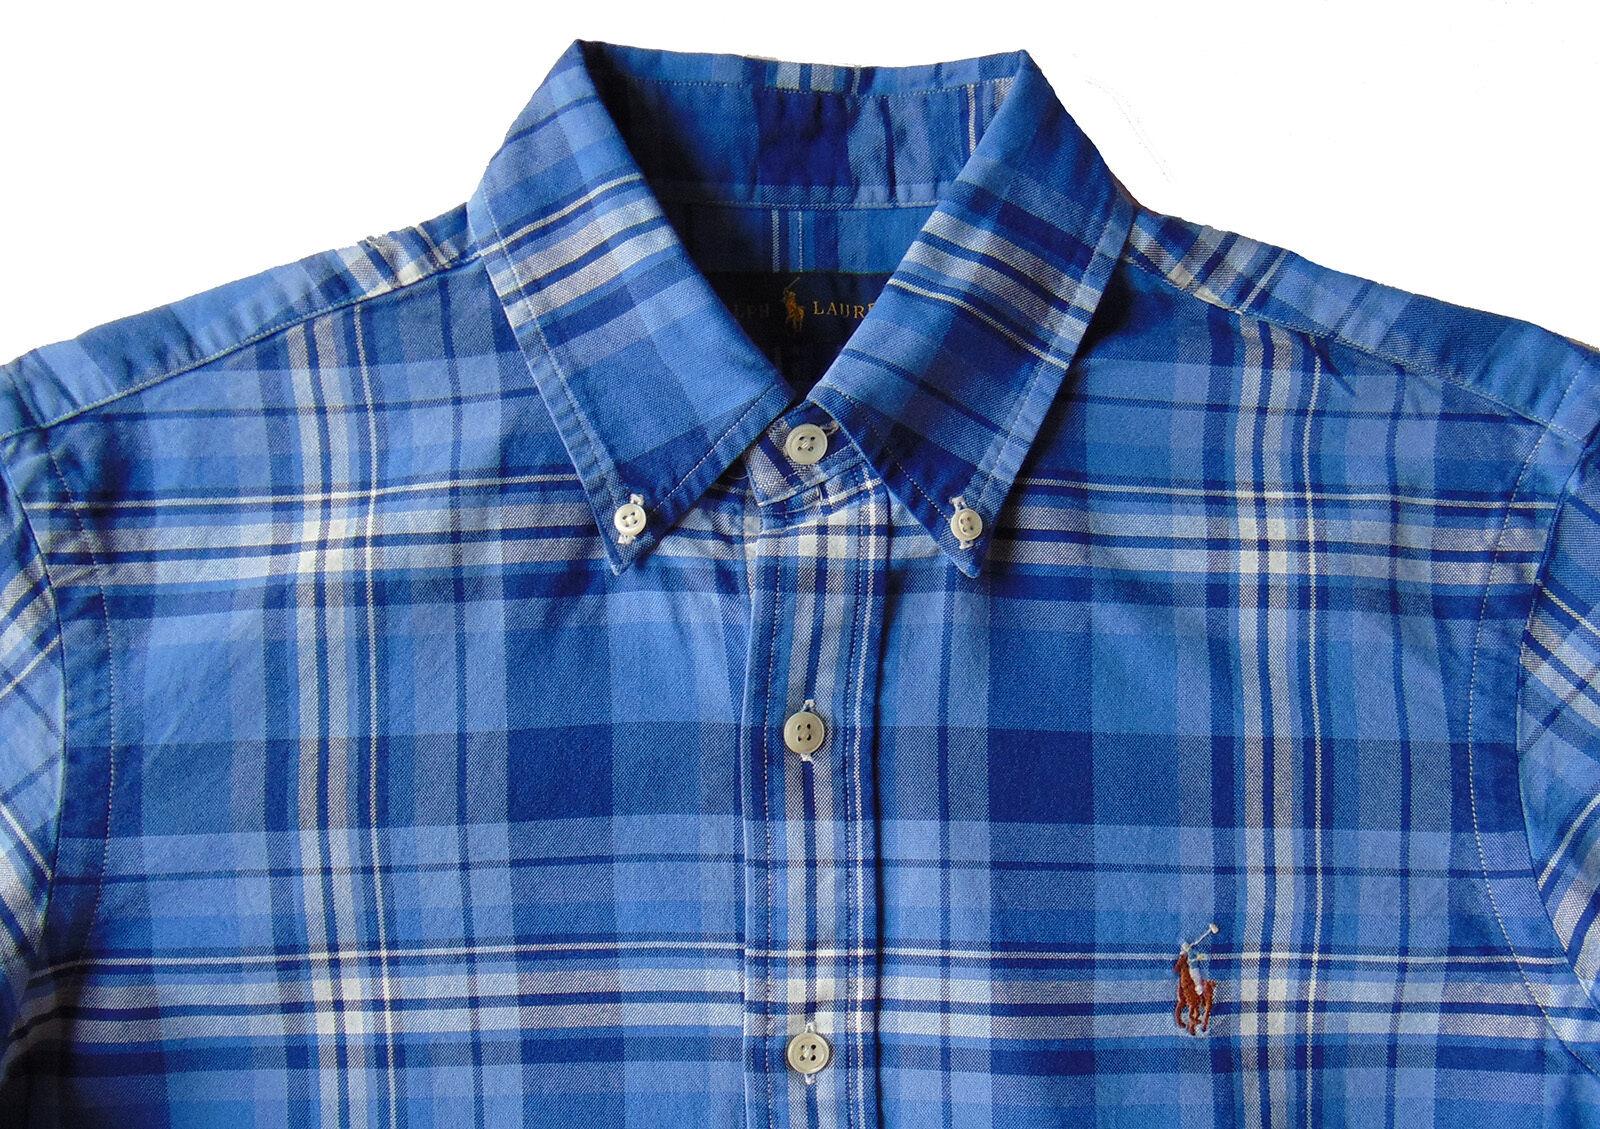 Men's RALPH LAUREN bluee White Plaid Oxford Shirt 2XLT (2XT   2LT) NWT NEW Nice